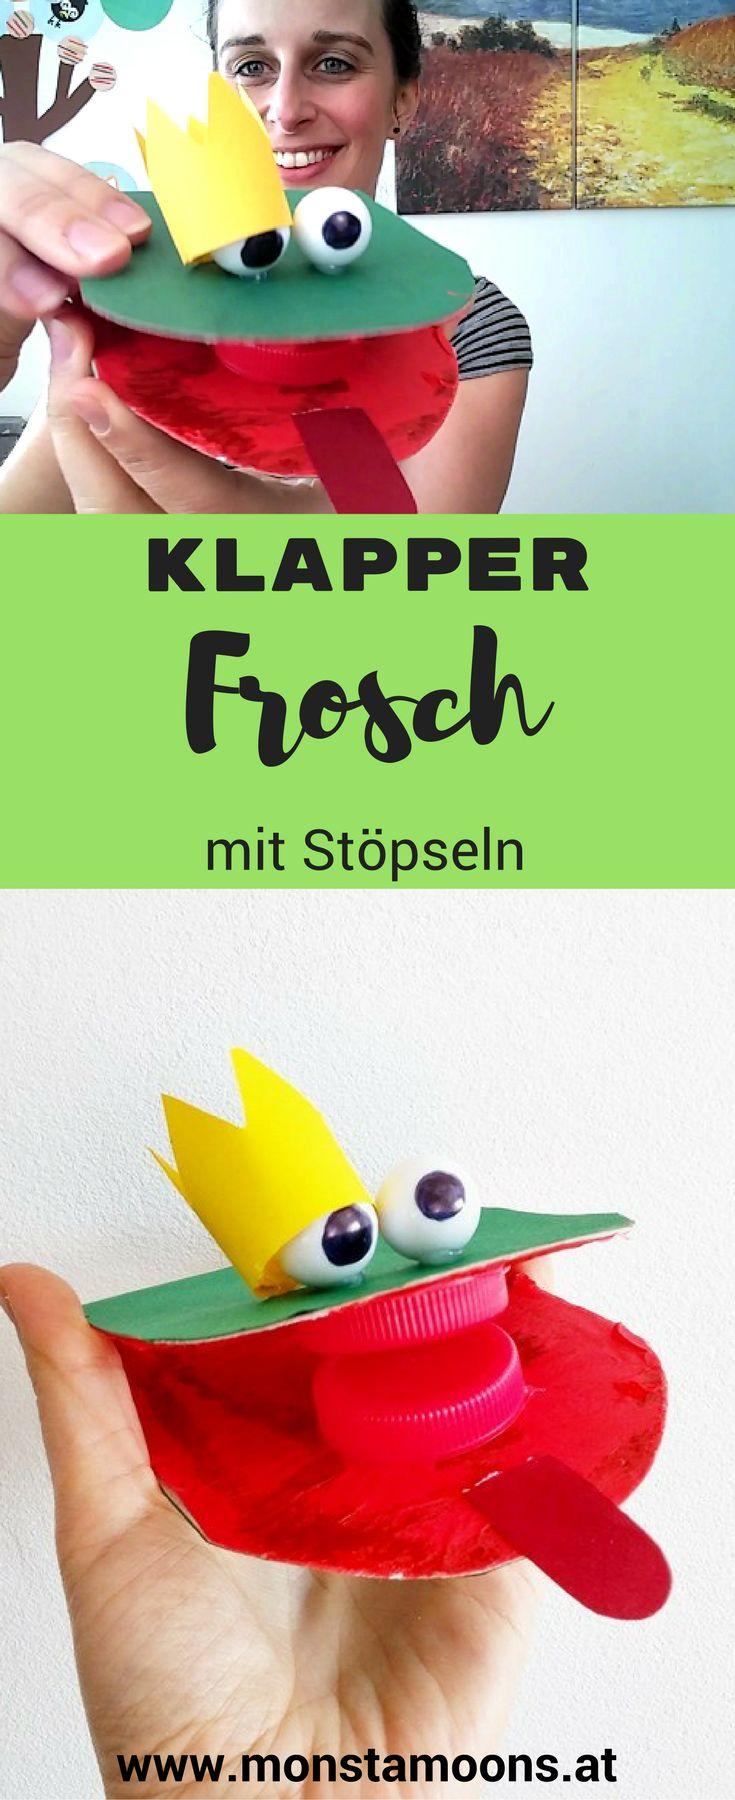 Klapperfrosch, Frosch basteln, Frosch DIY, frog craft, spring craft, DIY noisy frog